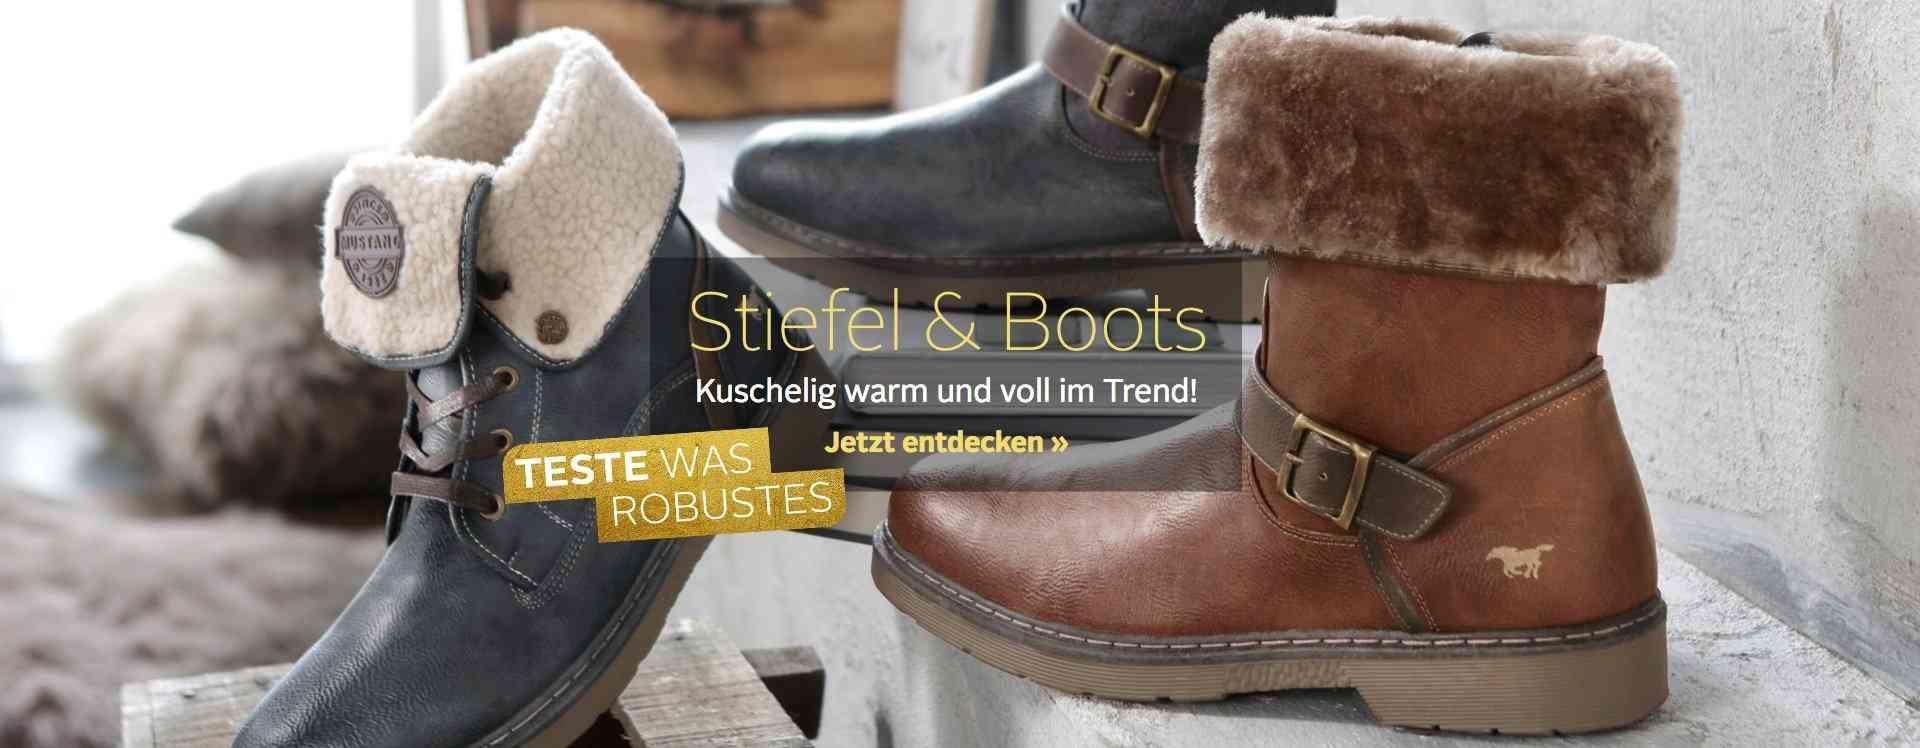 Stark im Frühling: Stiefel & Boots! So kommt Mann souverän und trendy durch die Jahreszeit.